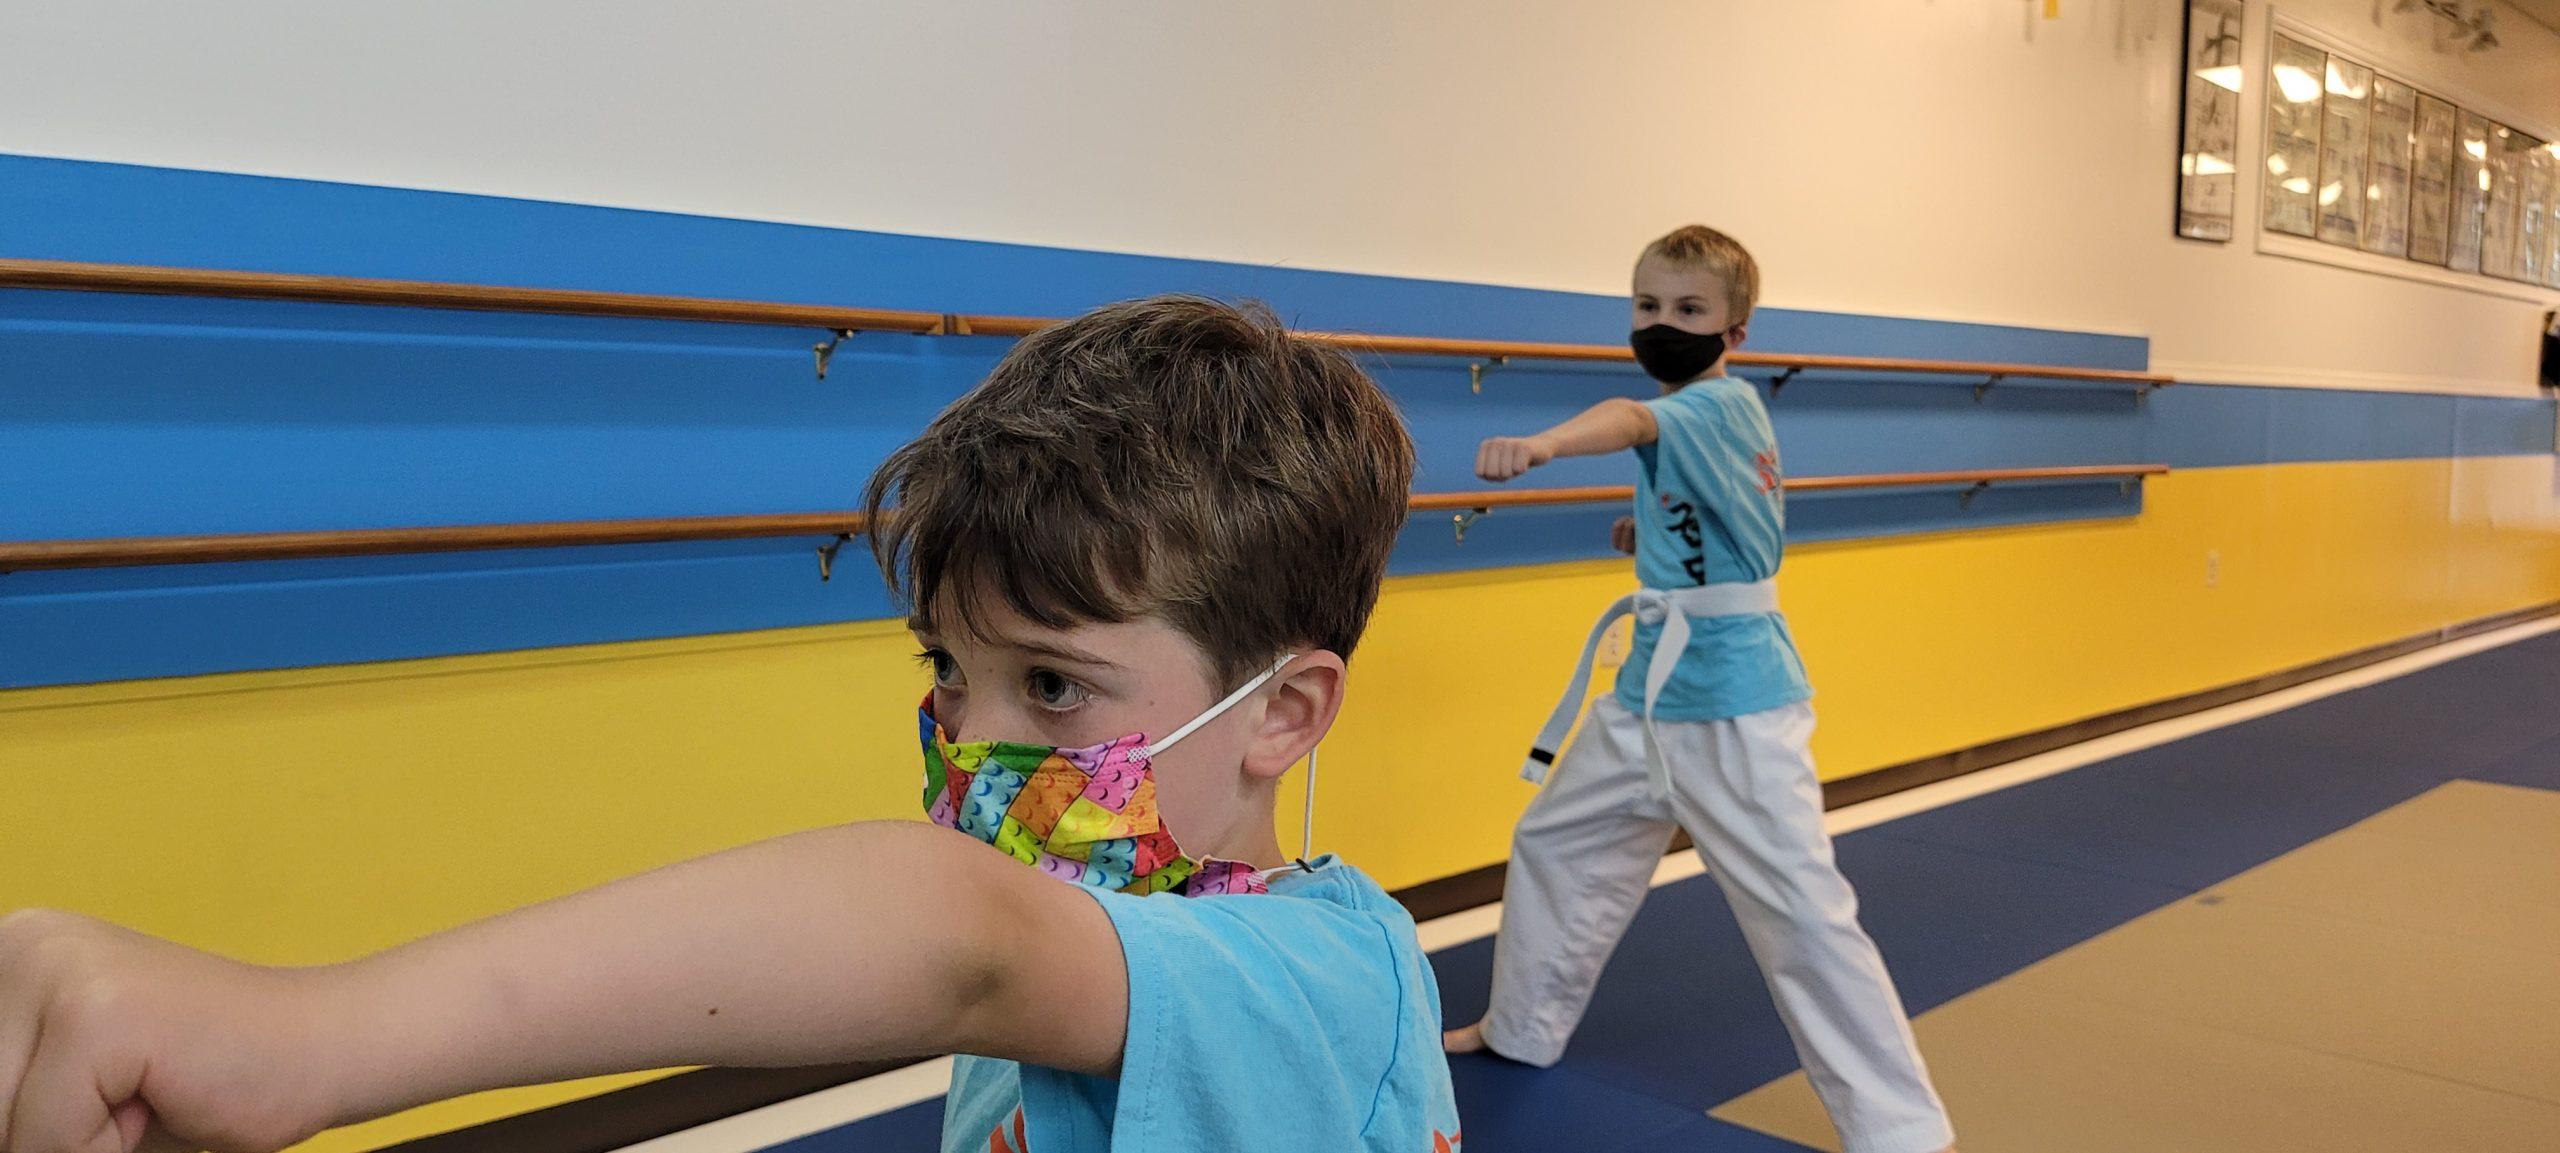 Sun taekwondo youth group